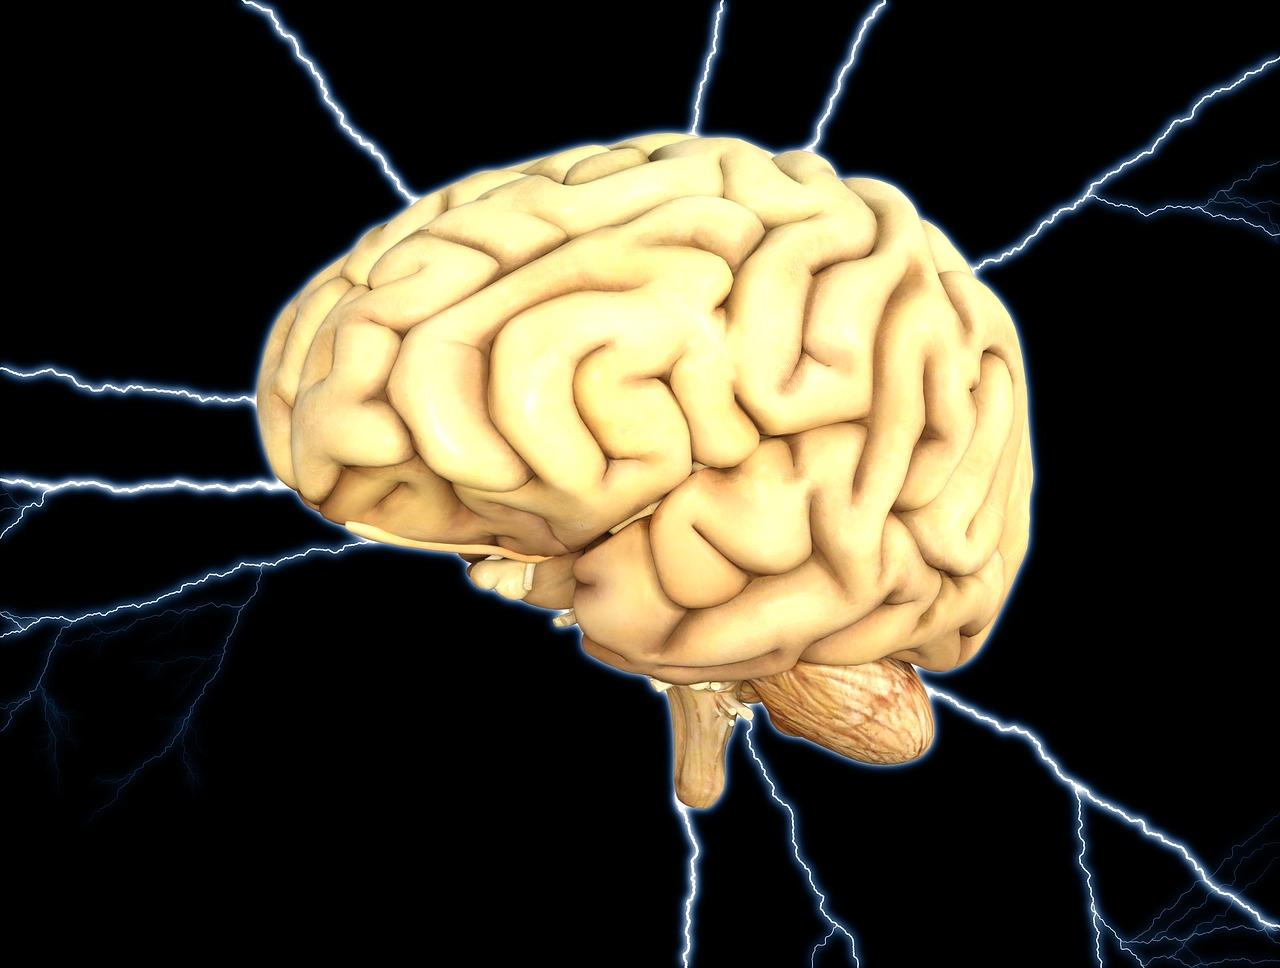 brain-1845940_1280.jpg